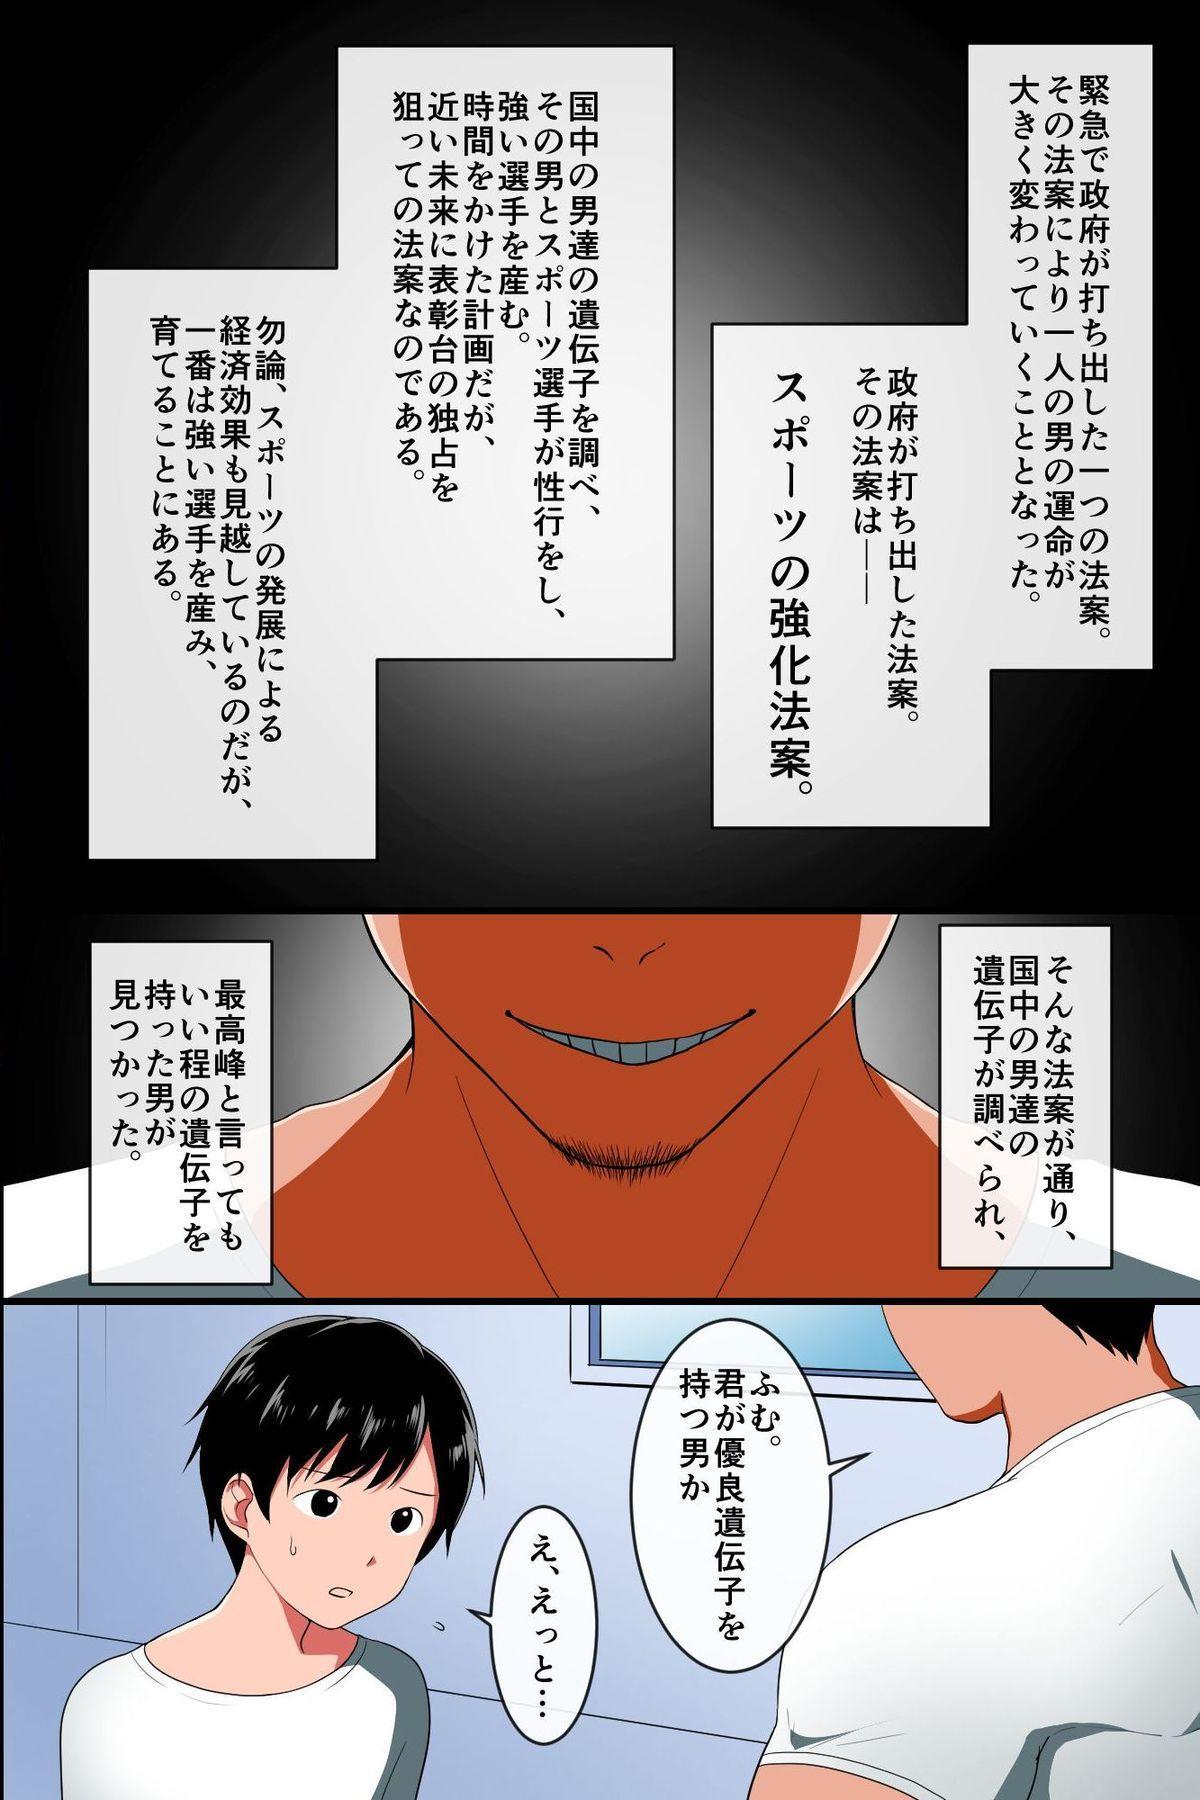 [rbooks] Tsuushou, SEX-hou ga Seitei Saremashita ~ Muchi-muchi na Sports Joshi-tachi to Mainichi Tanetsuke Semen Nakadashi Houdai! 1